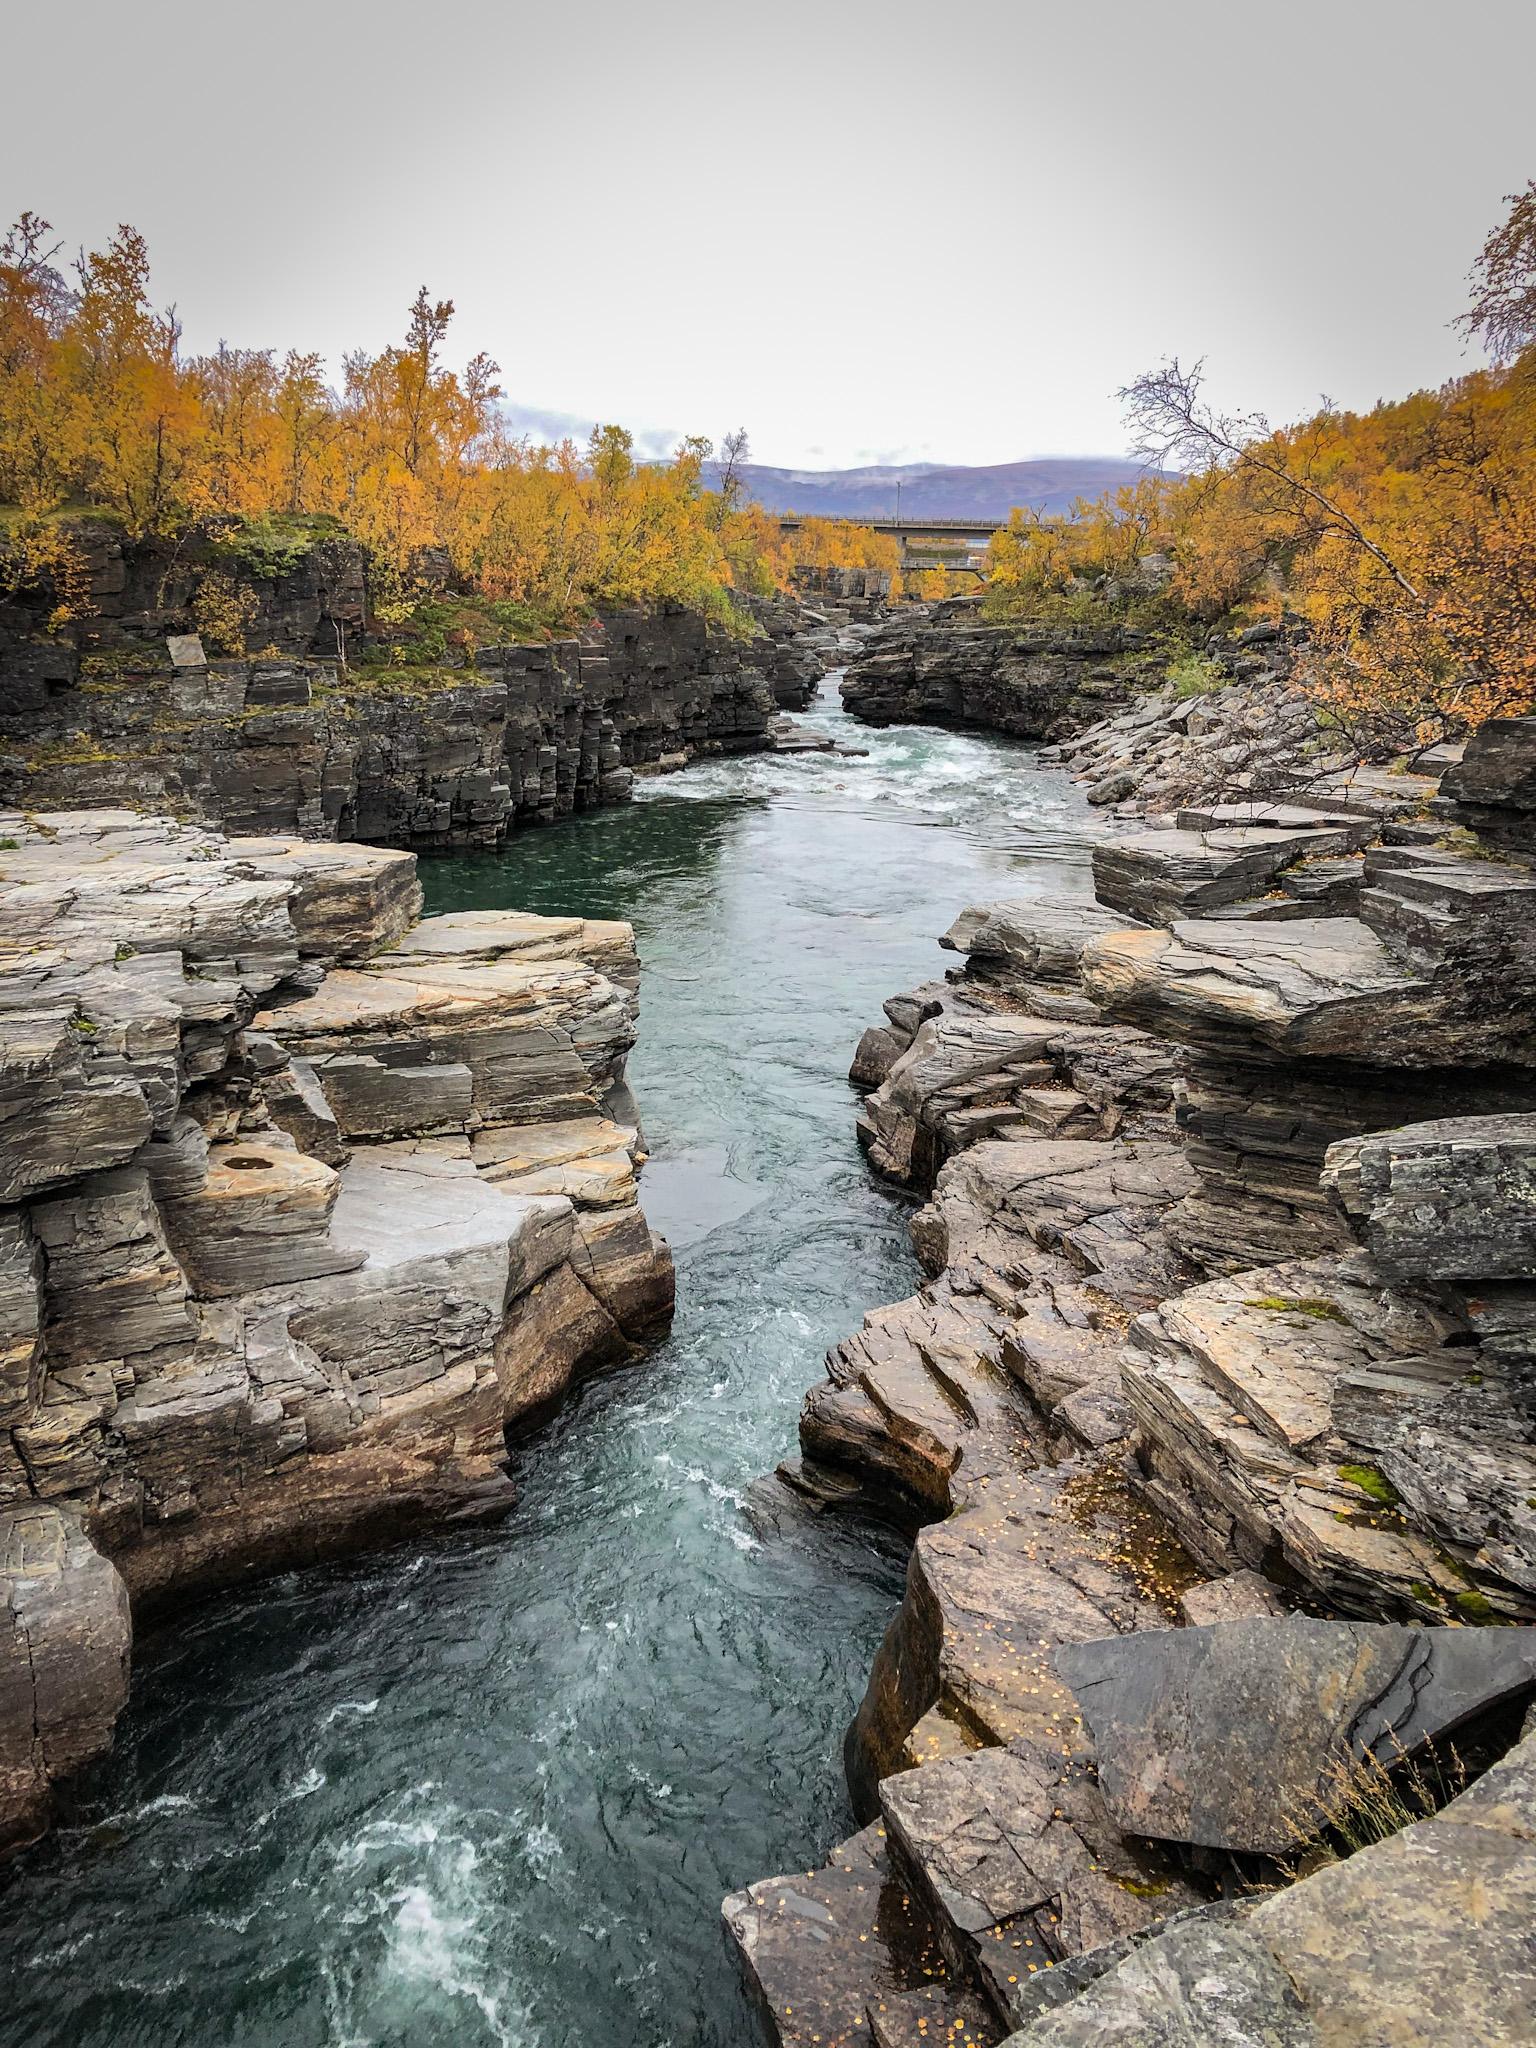 Les gorges d'Abisko au nord de la Suède creusées entre les rochers